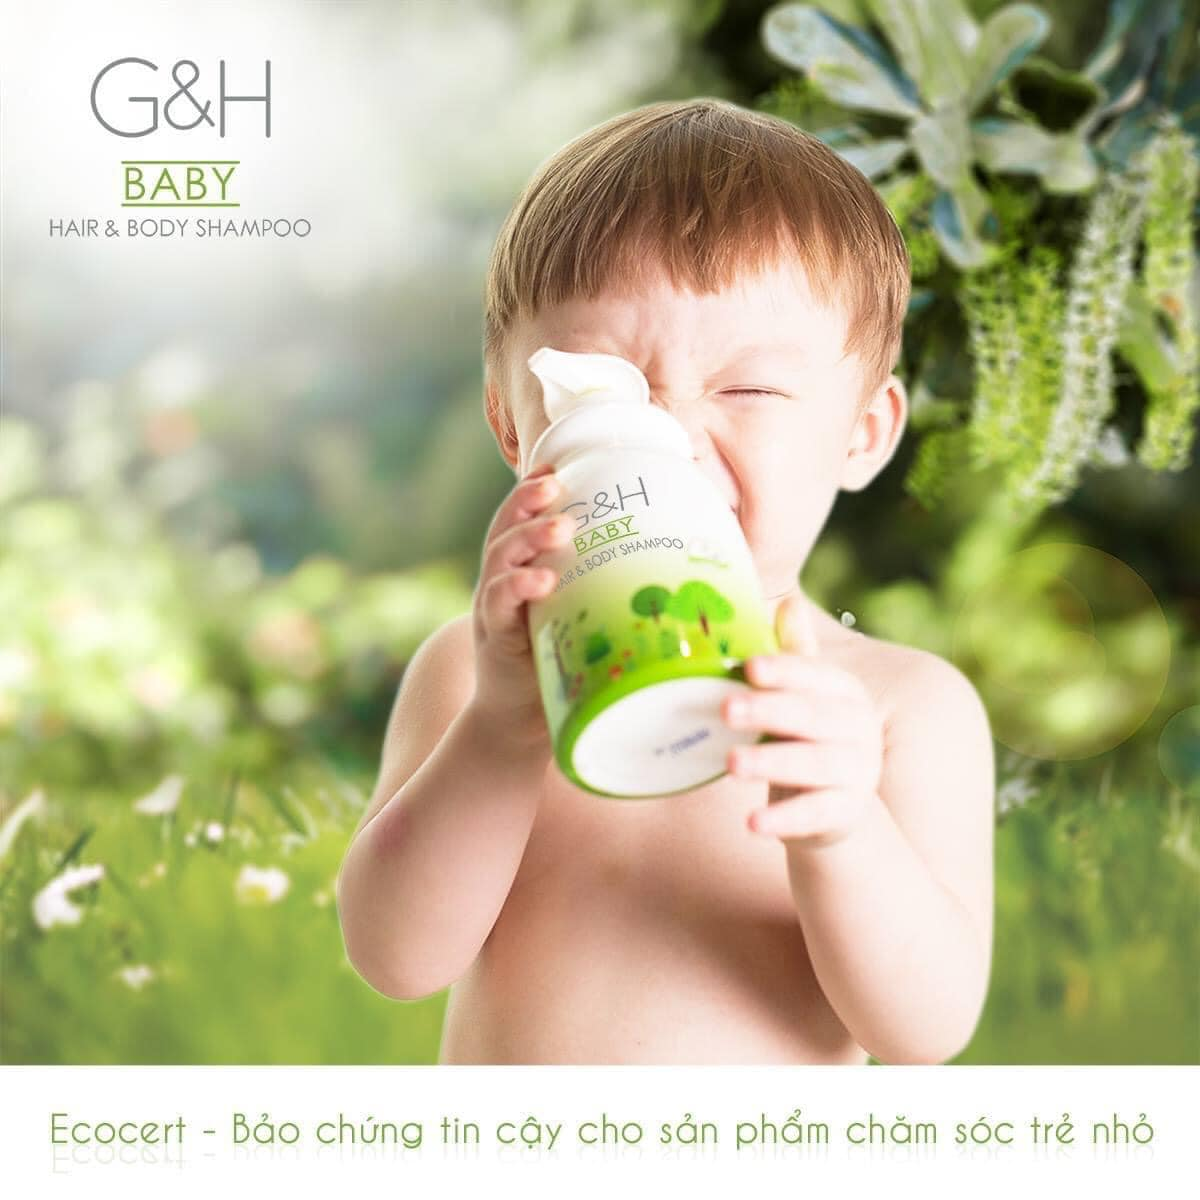 Làm Sao Tắm Gội cho Bé Đúng Cách với Amway G&H Baby